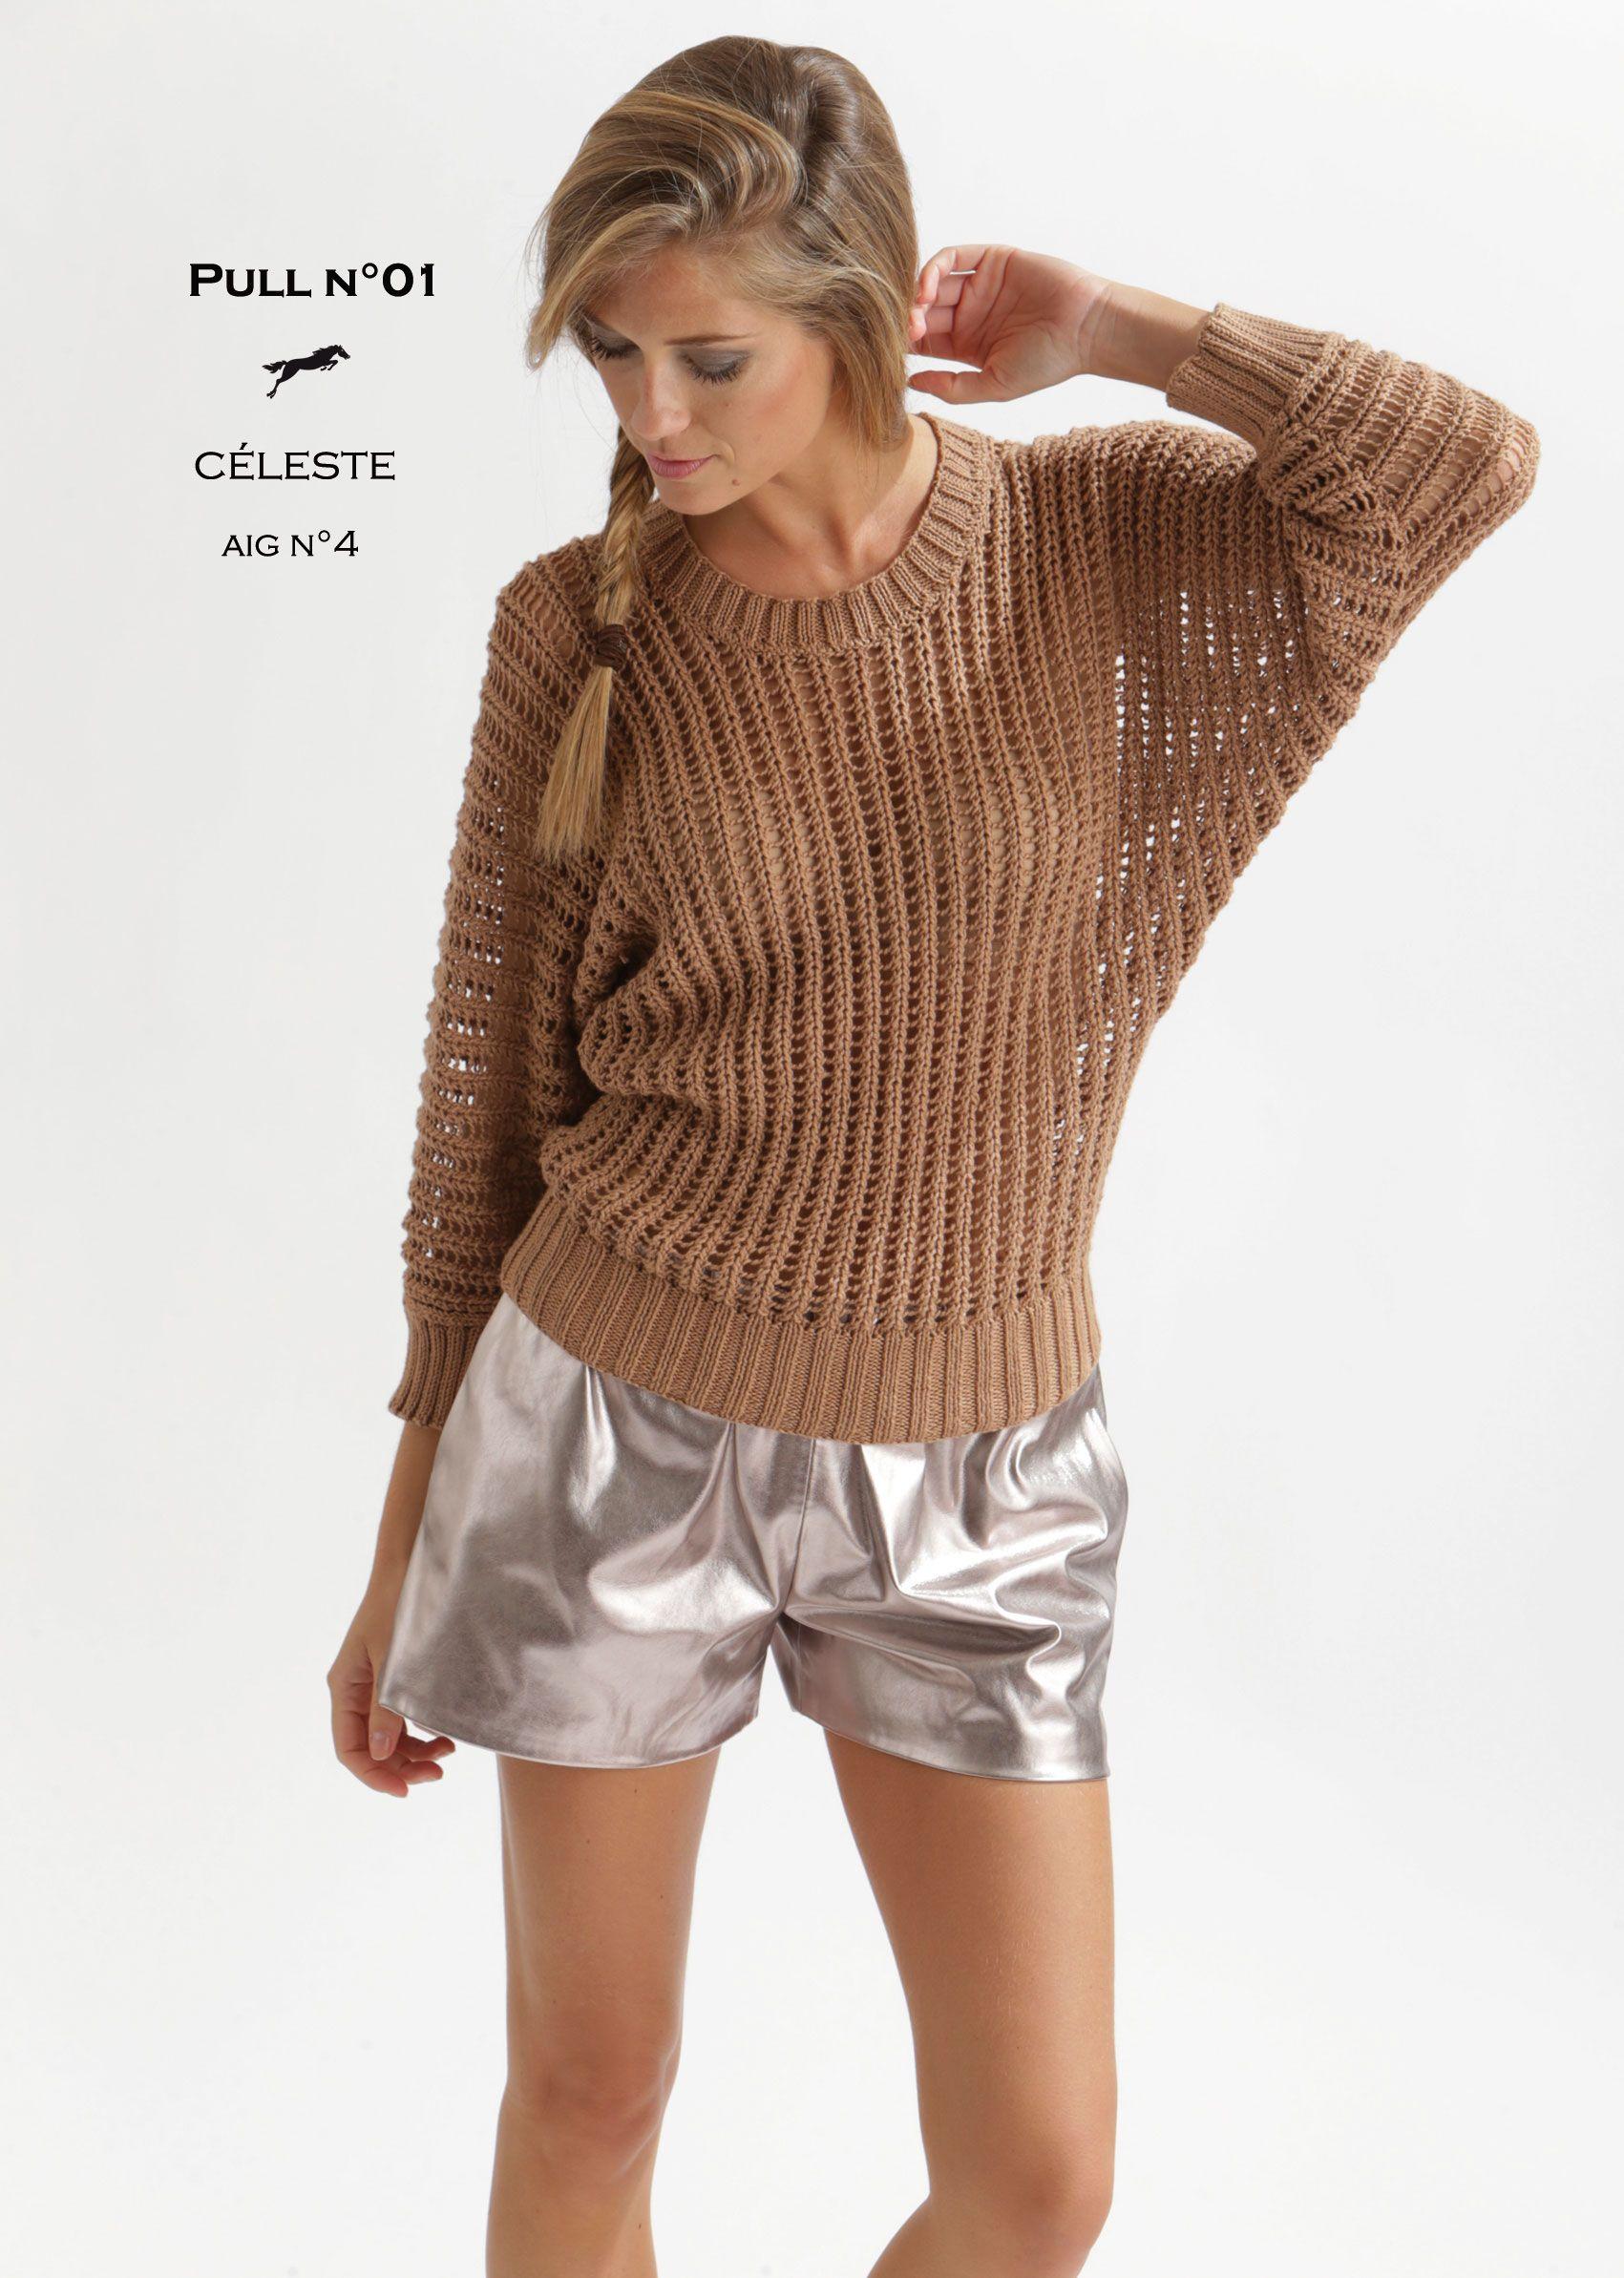 mod le de tricot pull femme catalogue cheval blanc n 20 laine utilis e celeste inverno. Black Bedroom Furniture Sets. Home Design Ideas